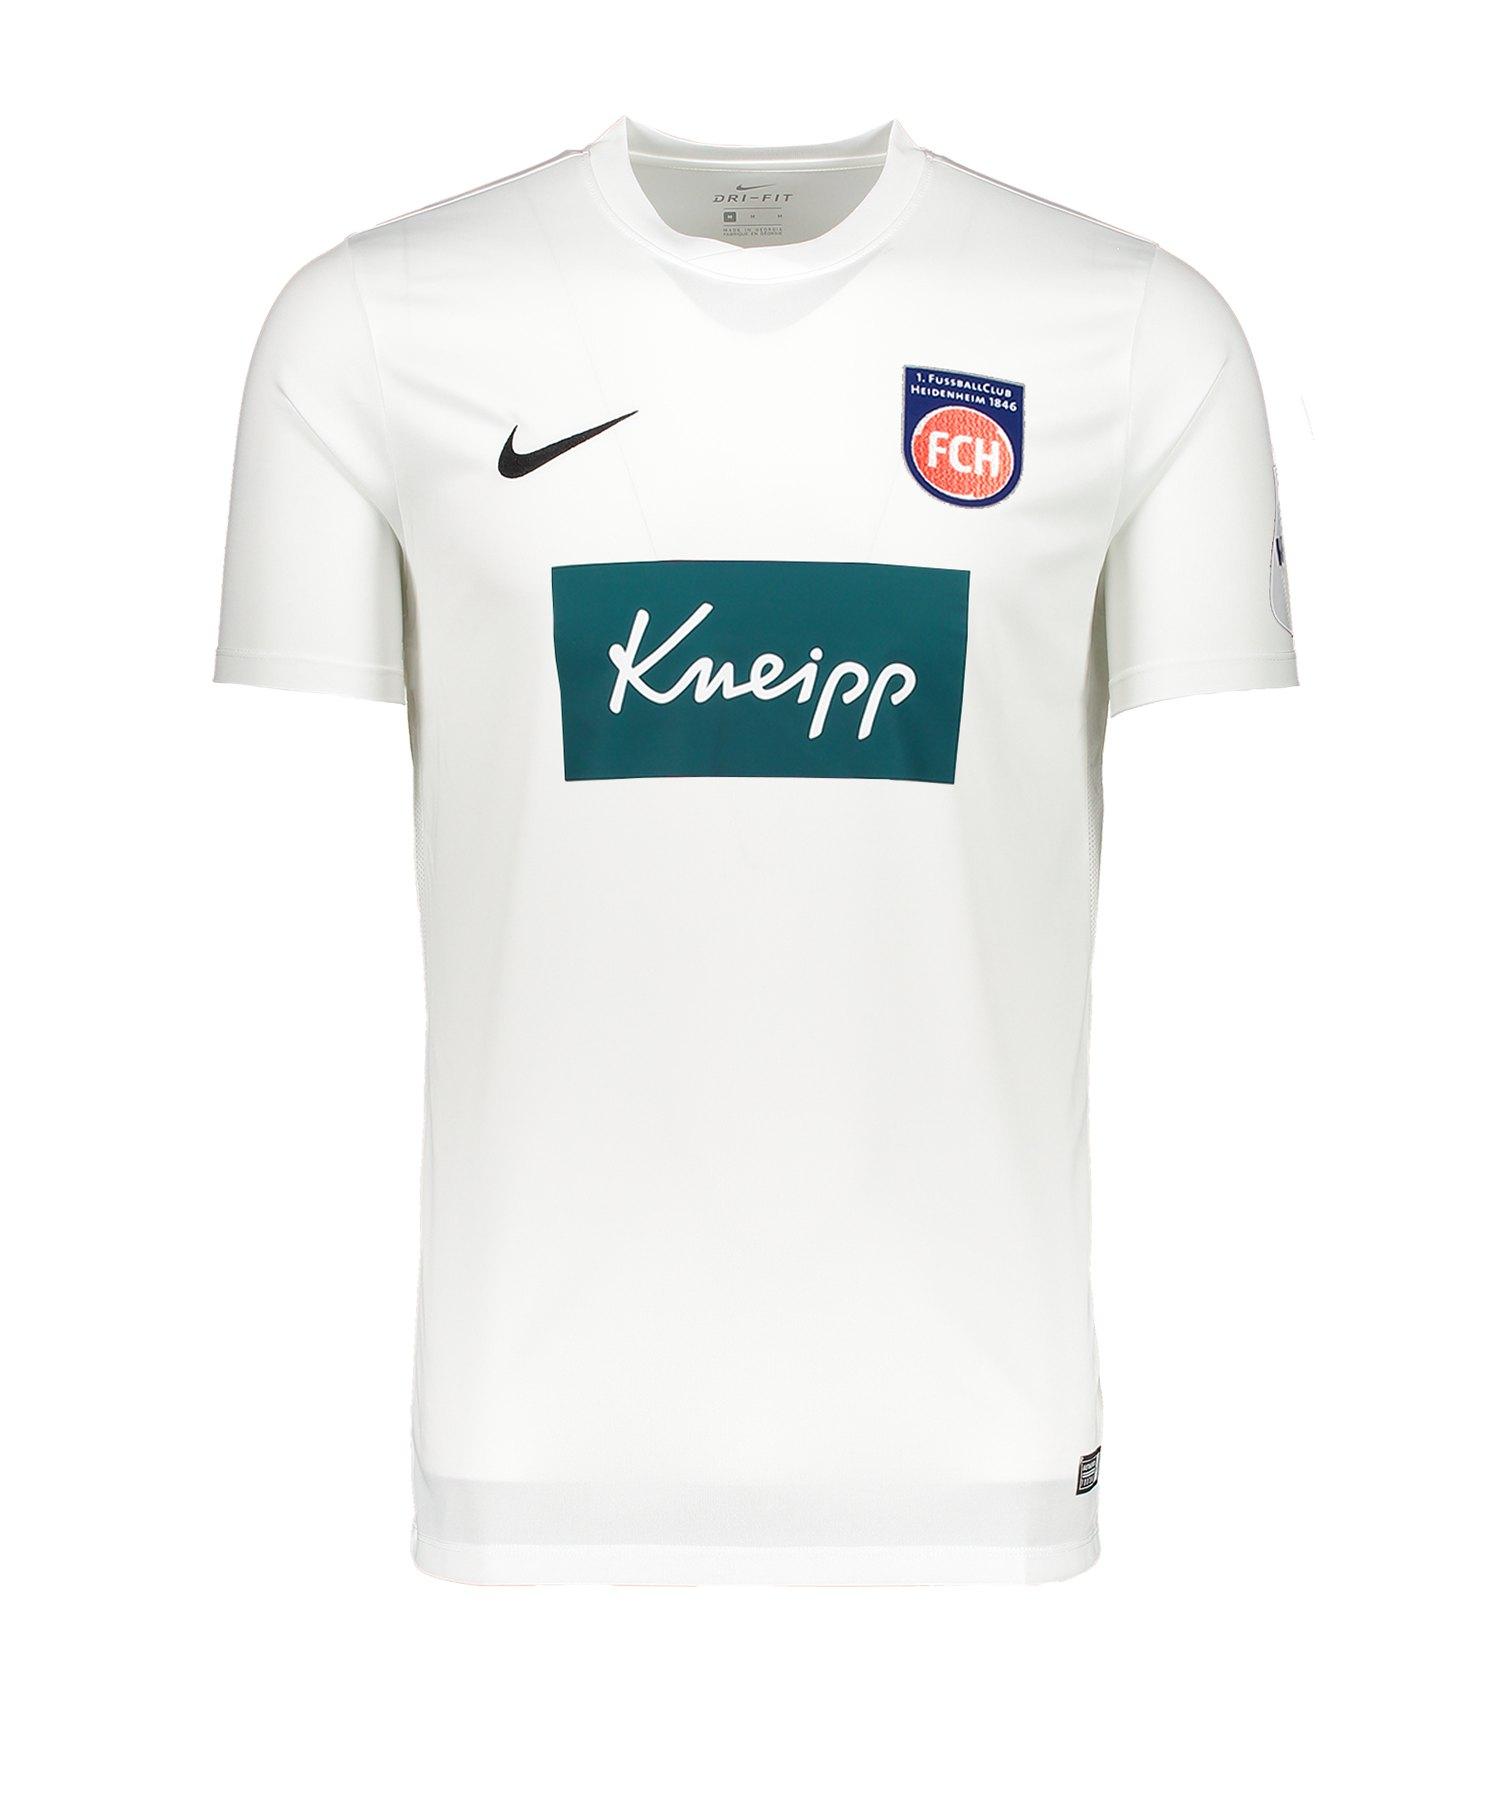 Nike 1. FC Heidenheim Trikot 3rd 2019/2020 F100 - weiss